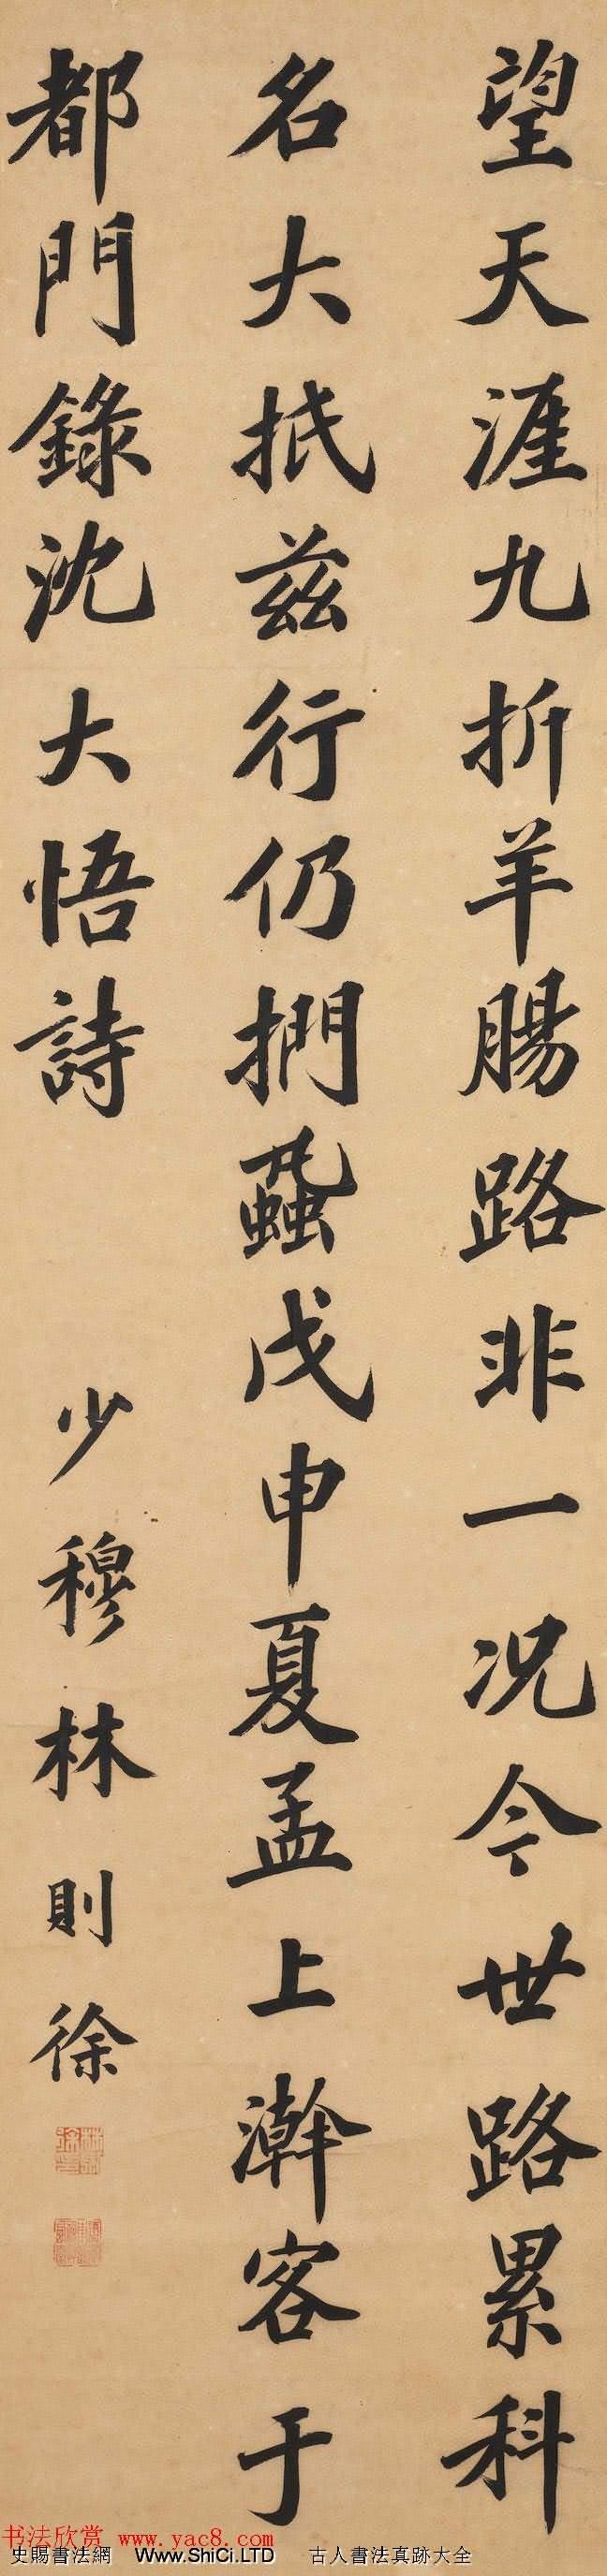 清代林則徐大楷精品《錄沈大悟詩四屏》